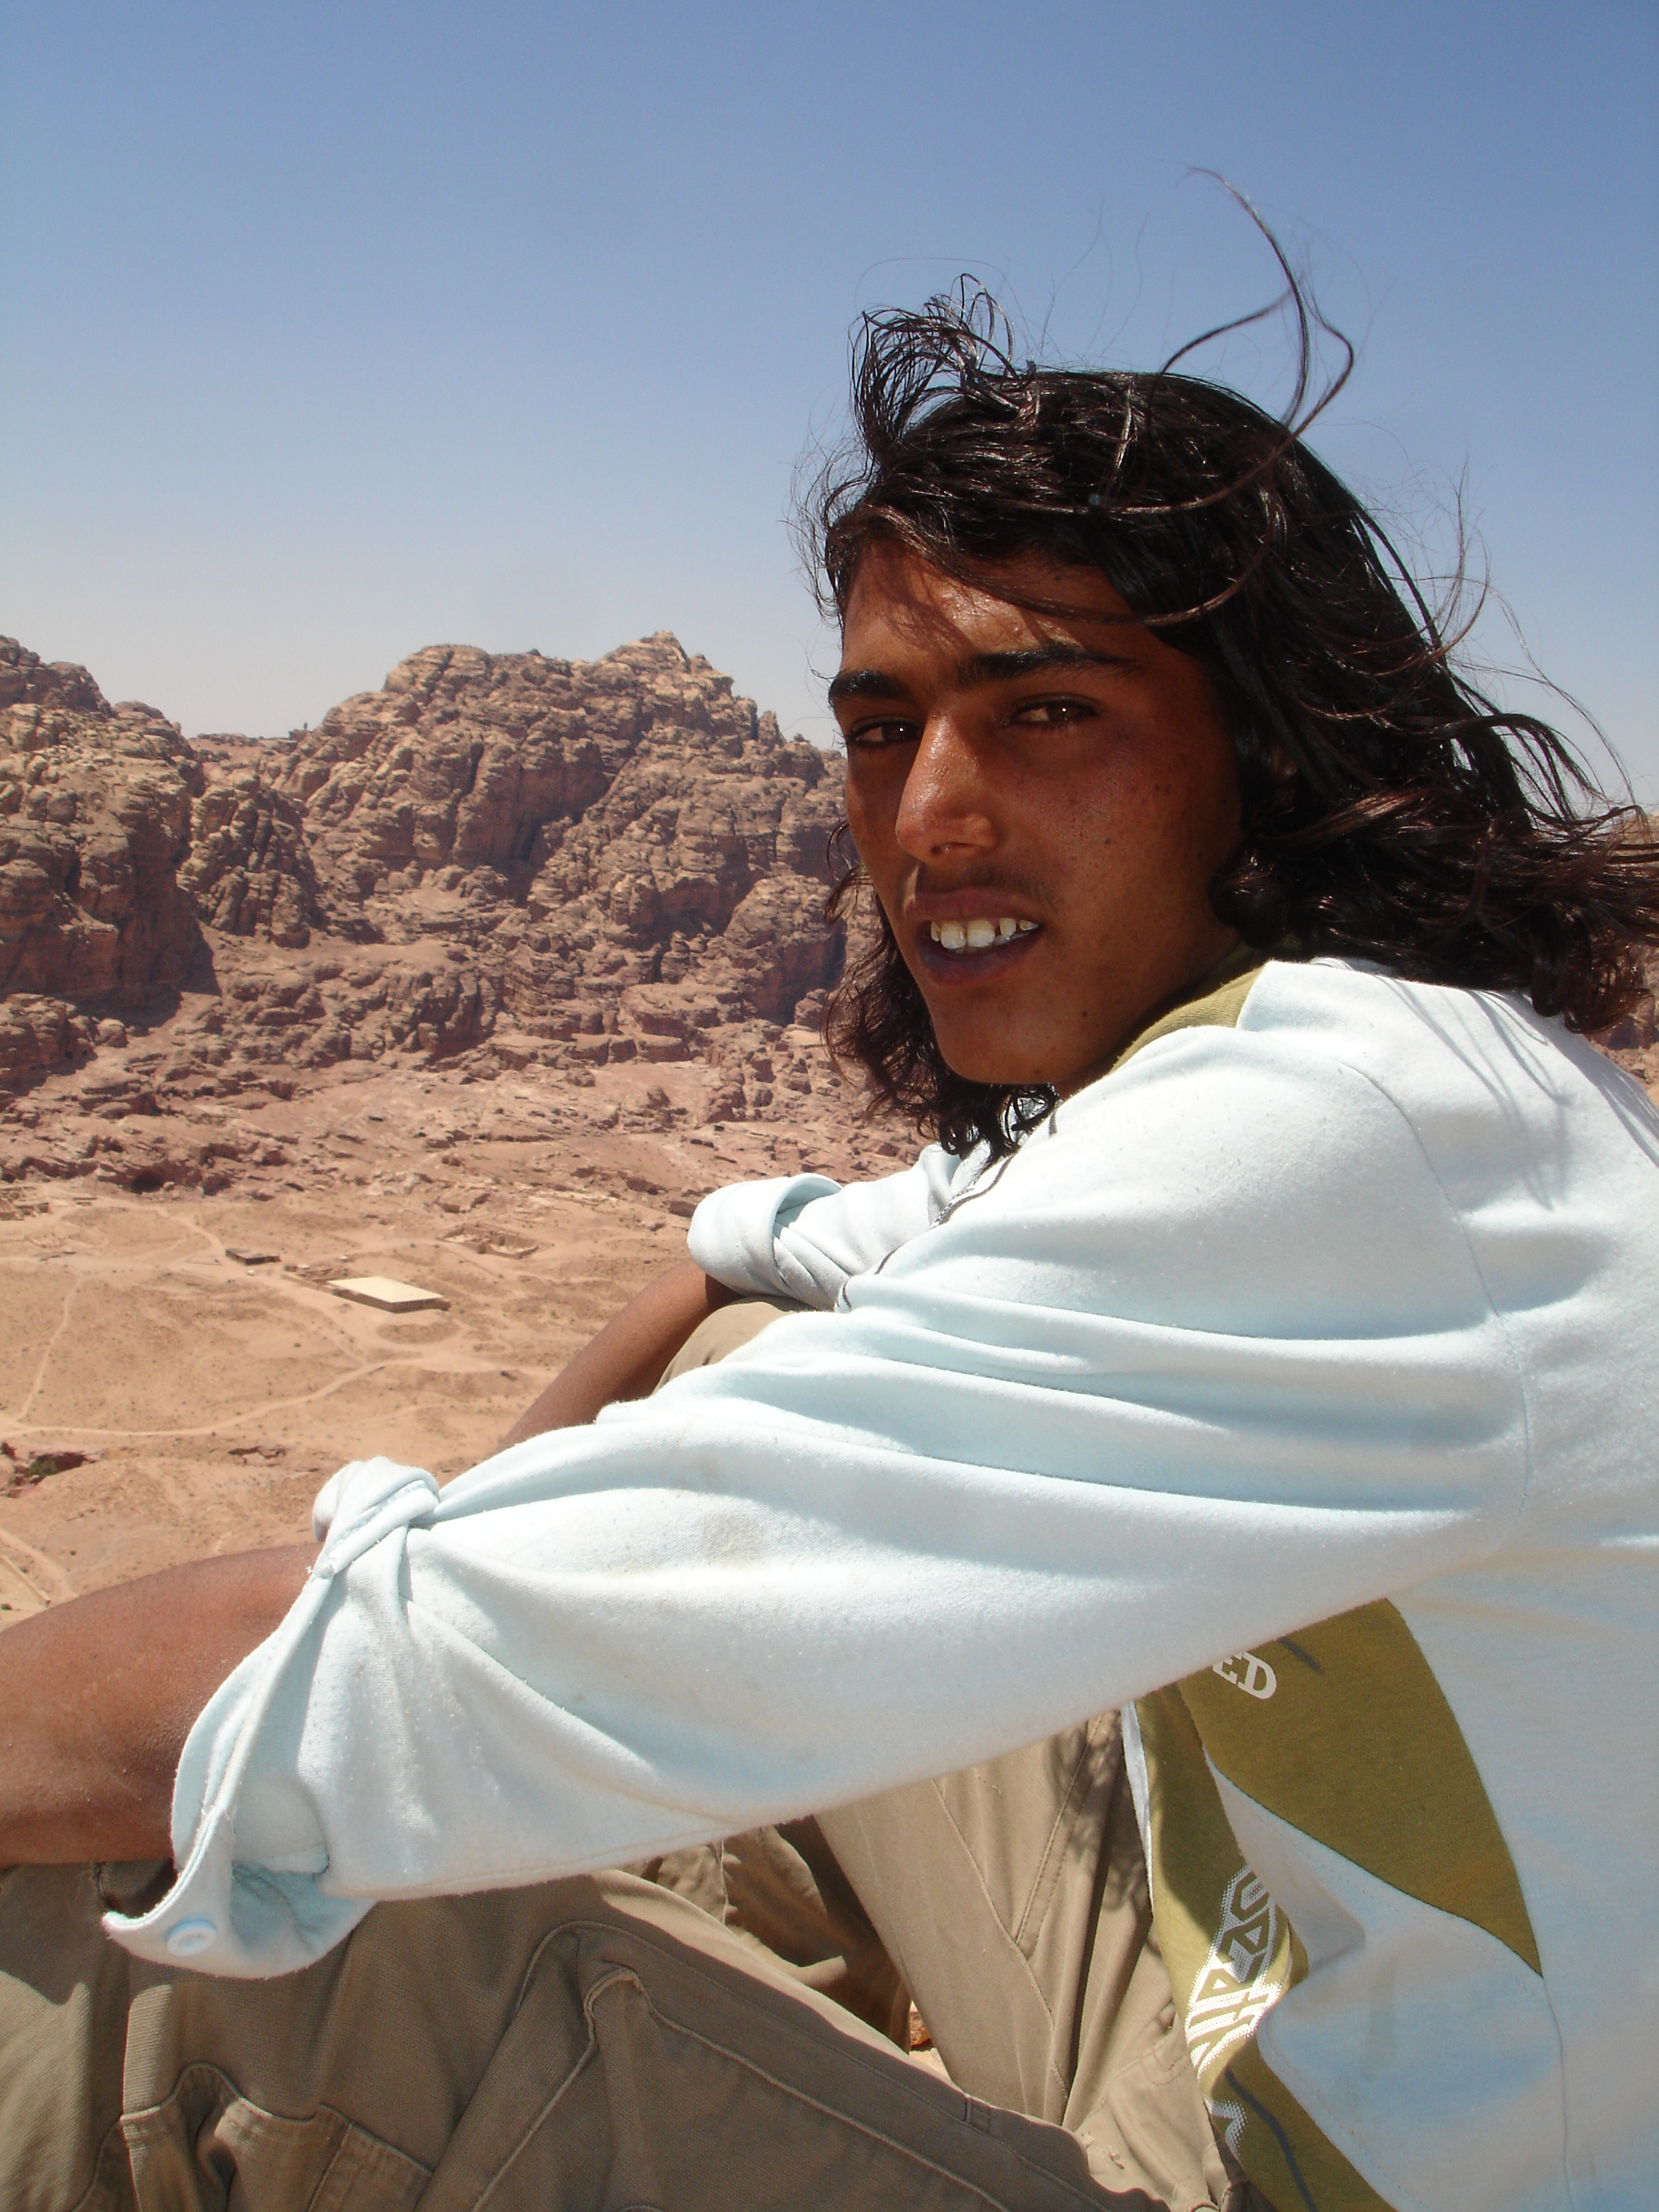 ... porque los beduinos se pasan el dia colgados de las nubes, contemplando Petra y sus montañas. Son gente de la buena, que invita a té y conversa entre largos silencios. También son tios un poco golfos, que van a la caza de la turista con ganas de mambo. Hacen bien.